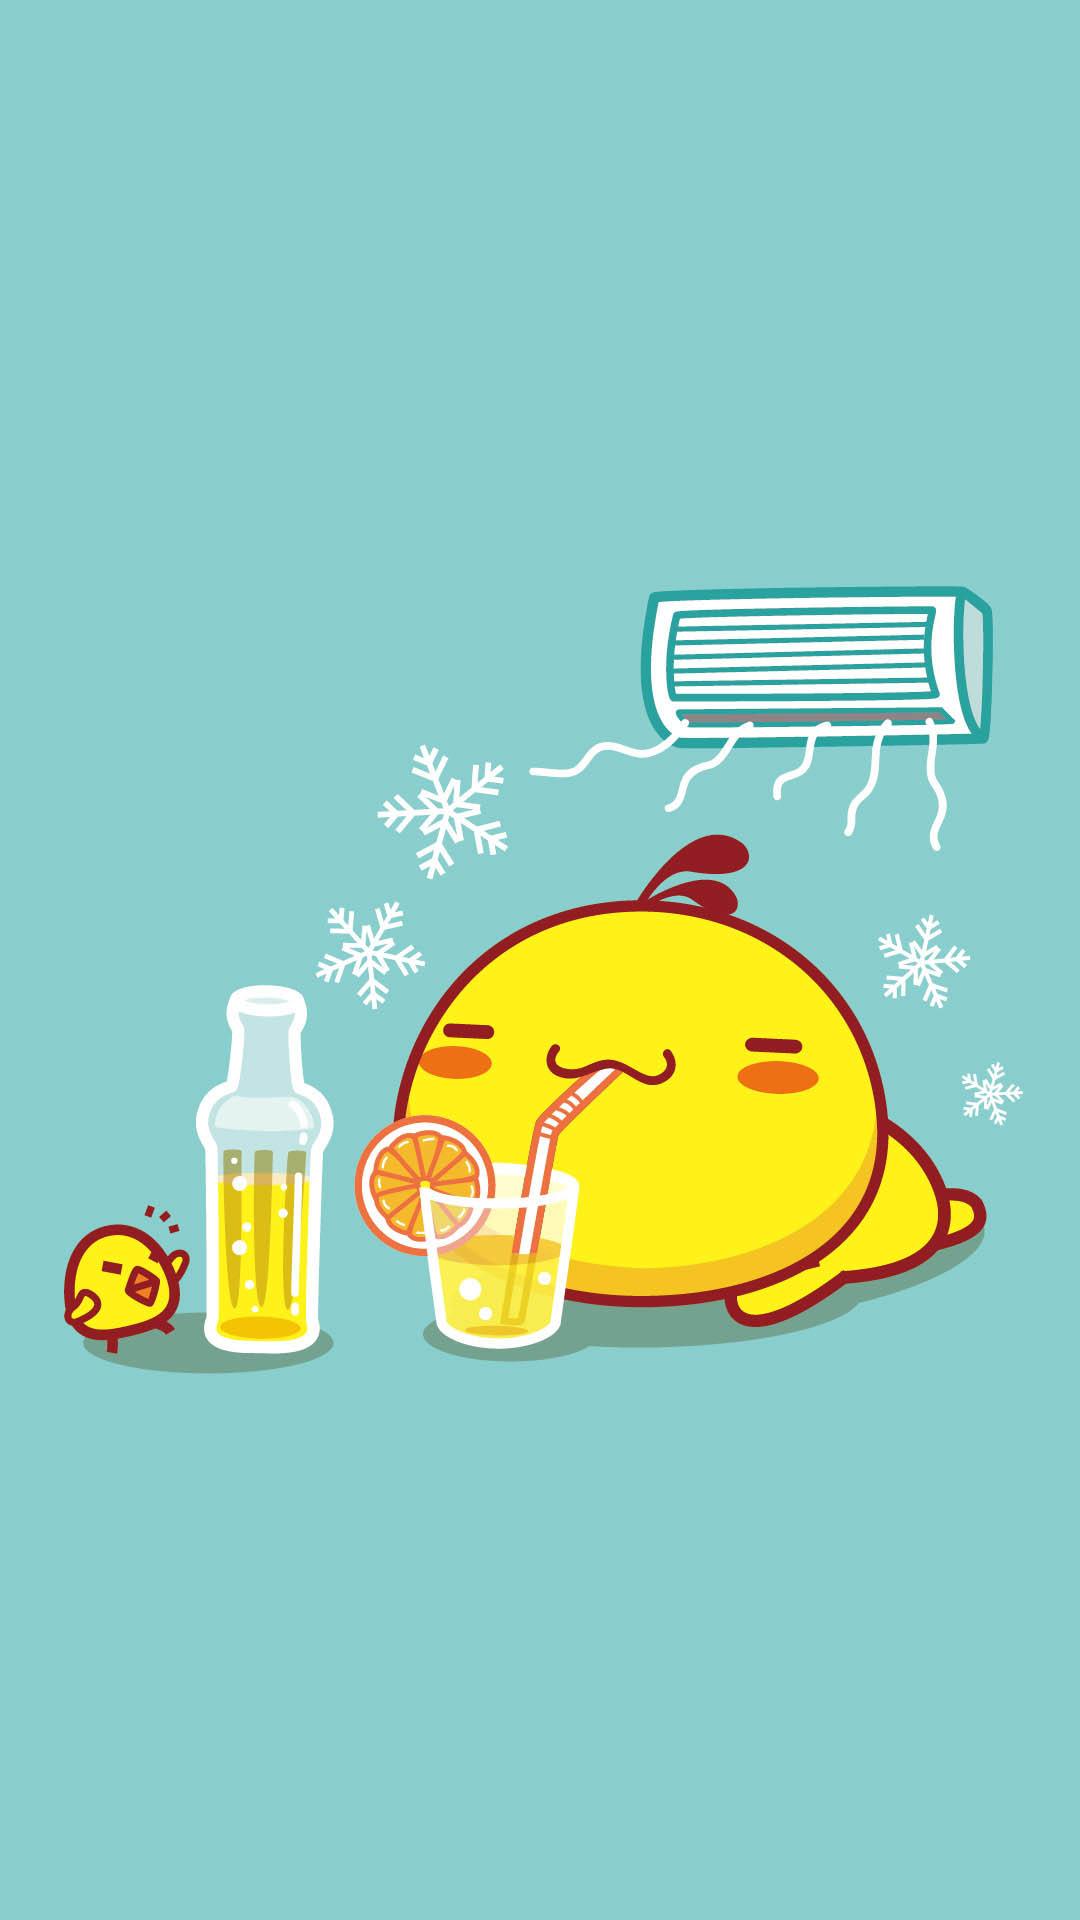 油爆叽丁冰爽清凉夏日手机壁纸